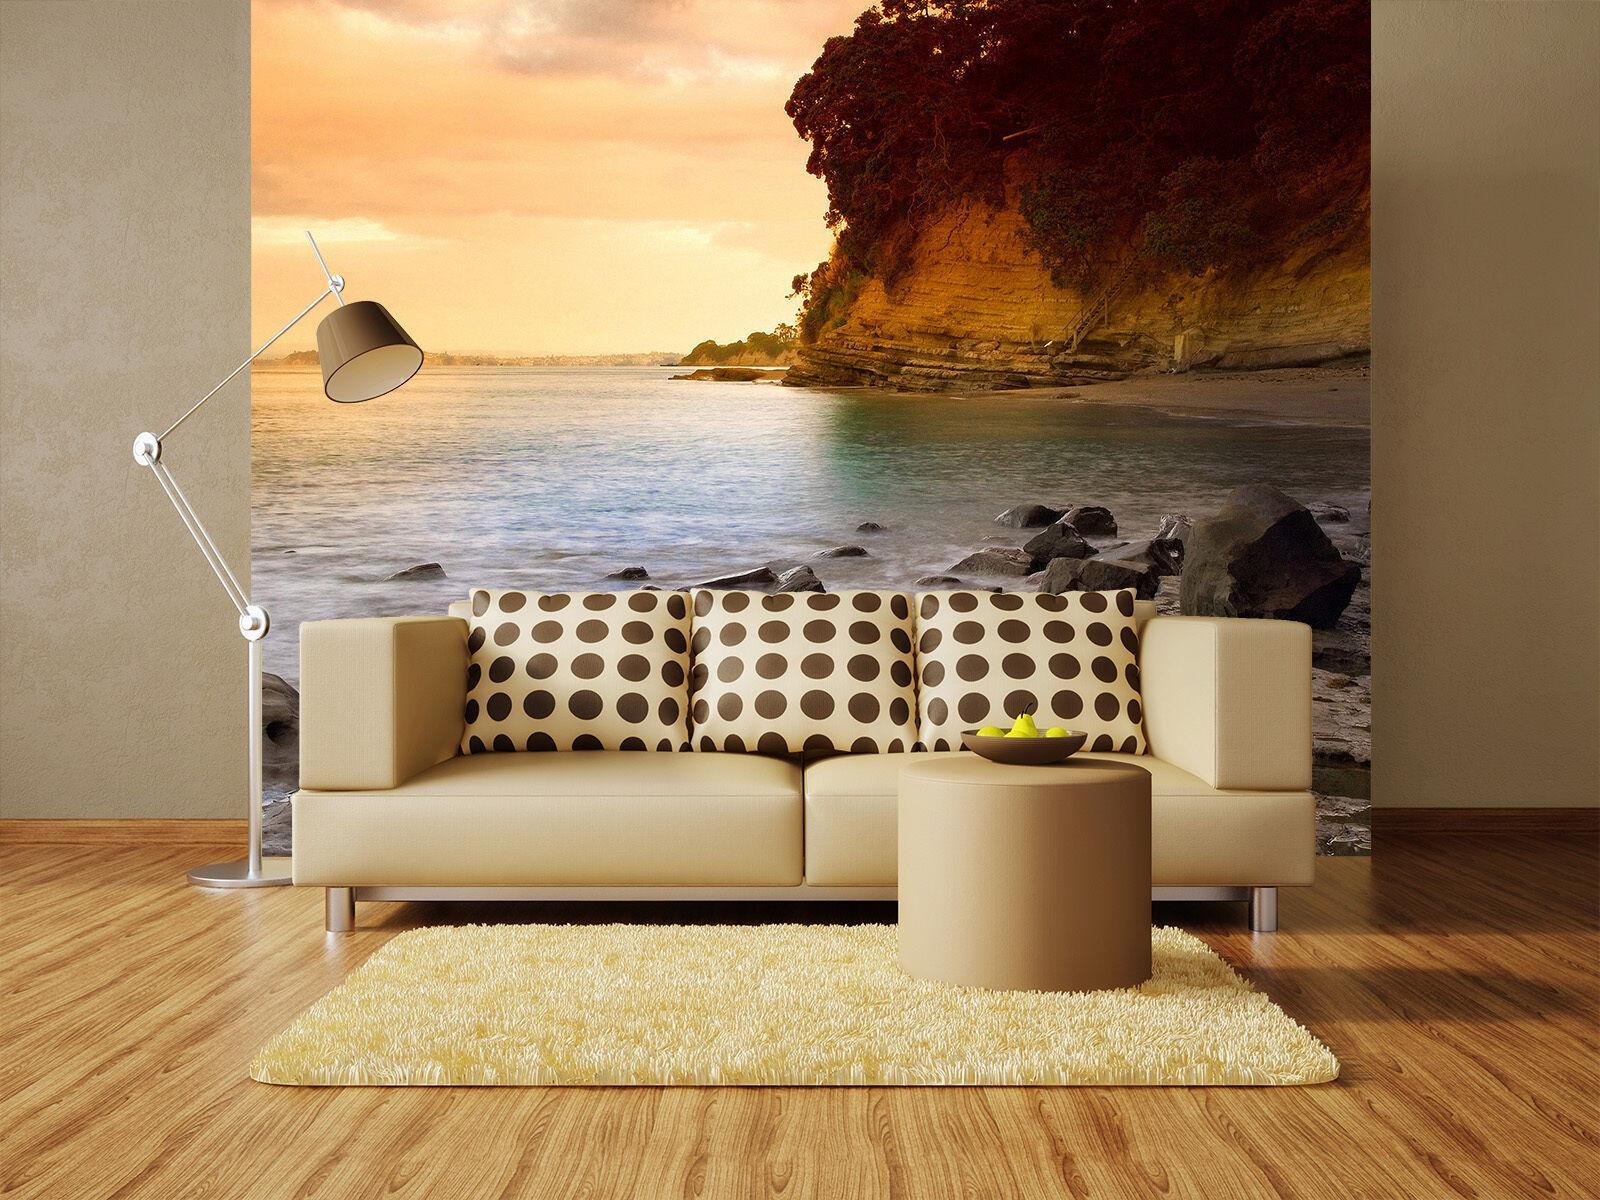 3D Meerwasser in die klippen Fototapeten Wandbild Fototapete BildTapete Familie